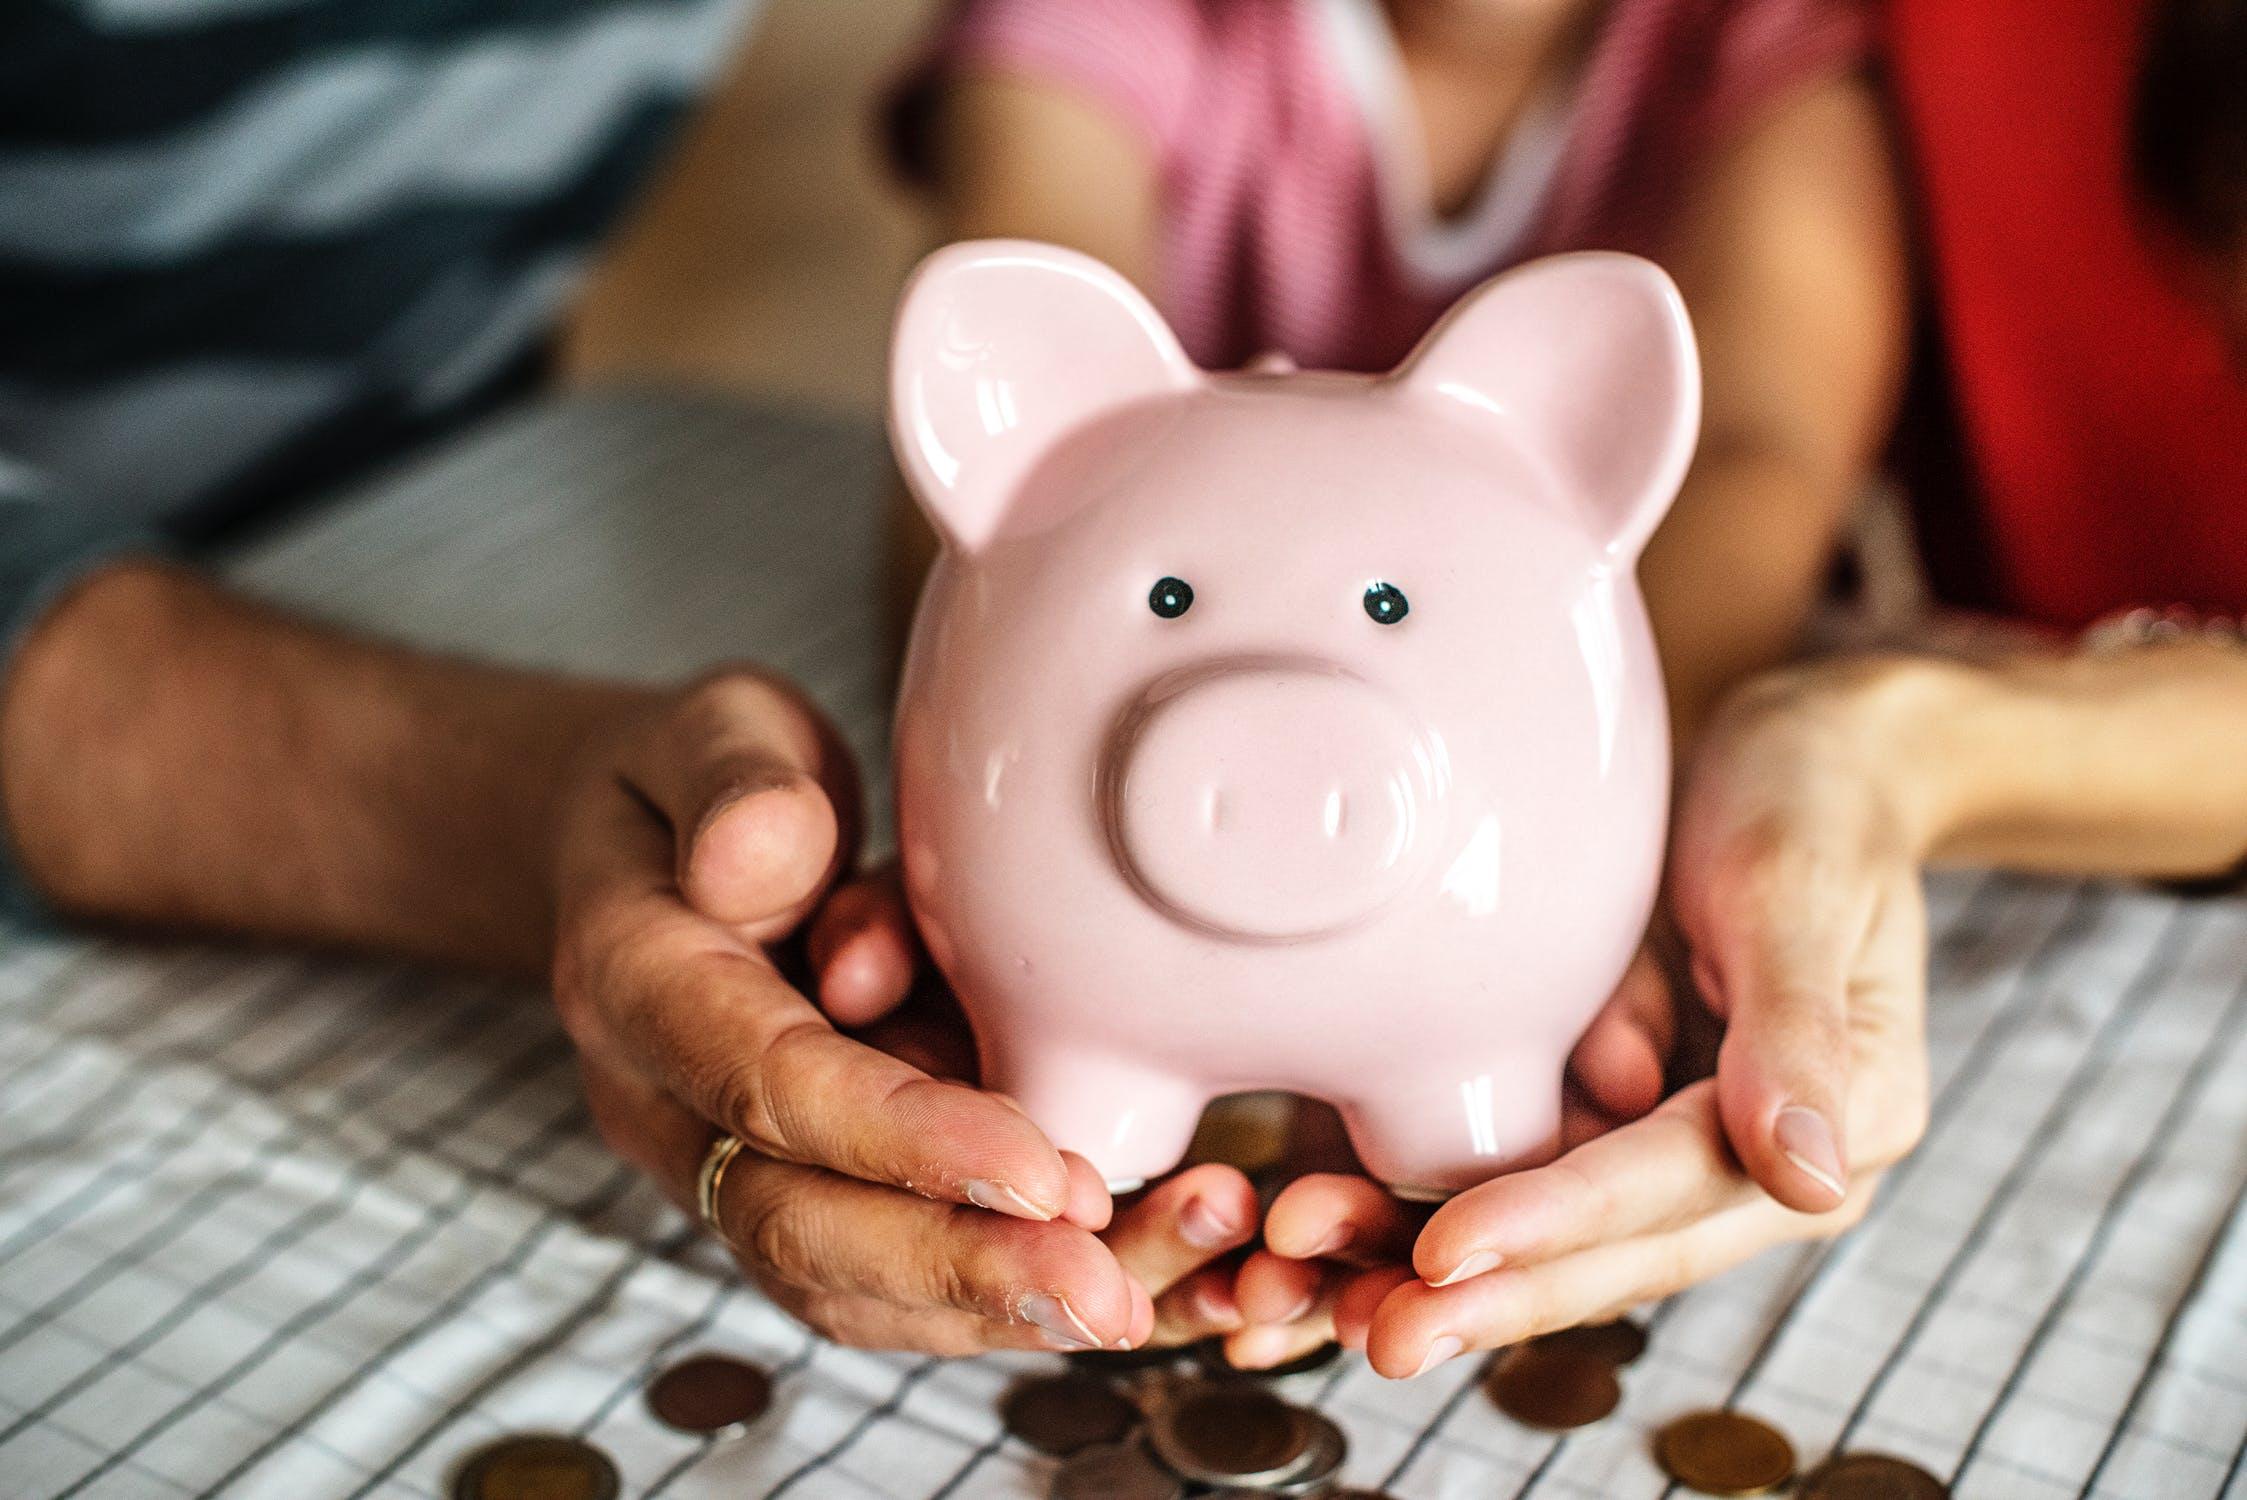 ko darīt mājās, lai nopelnītu naudu